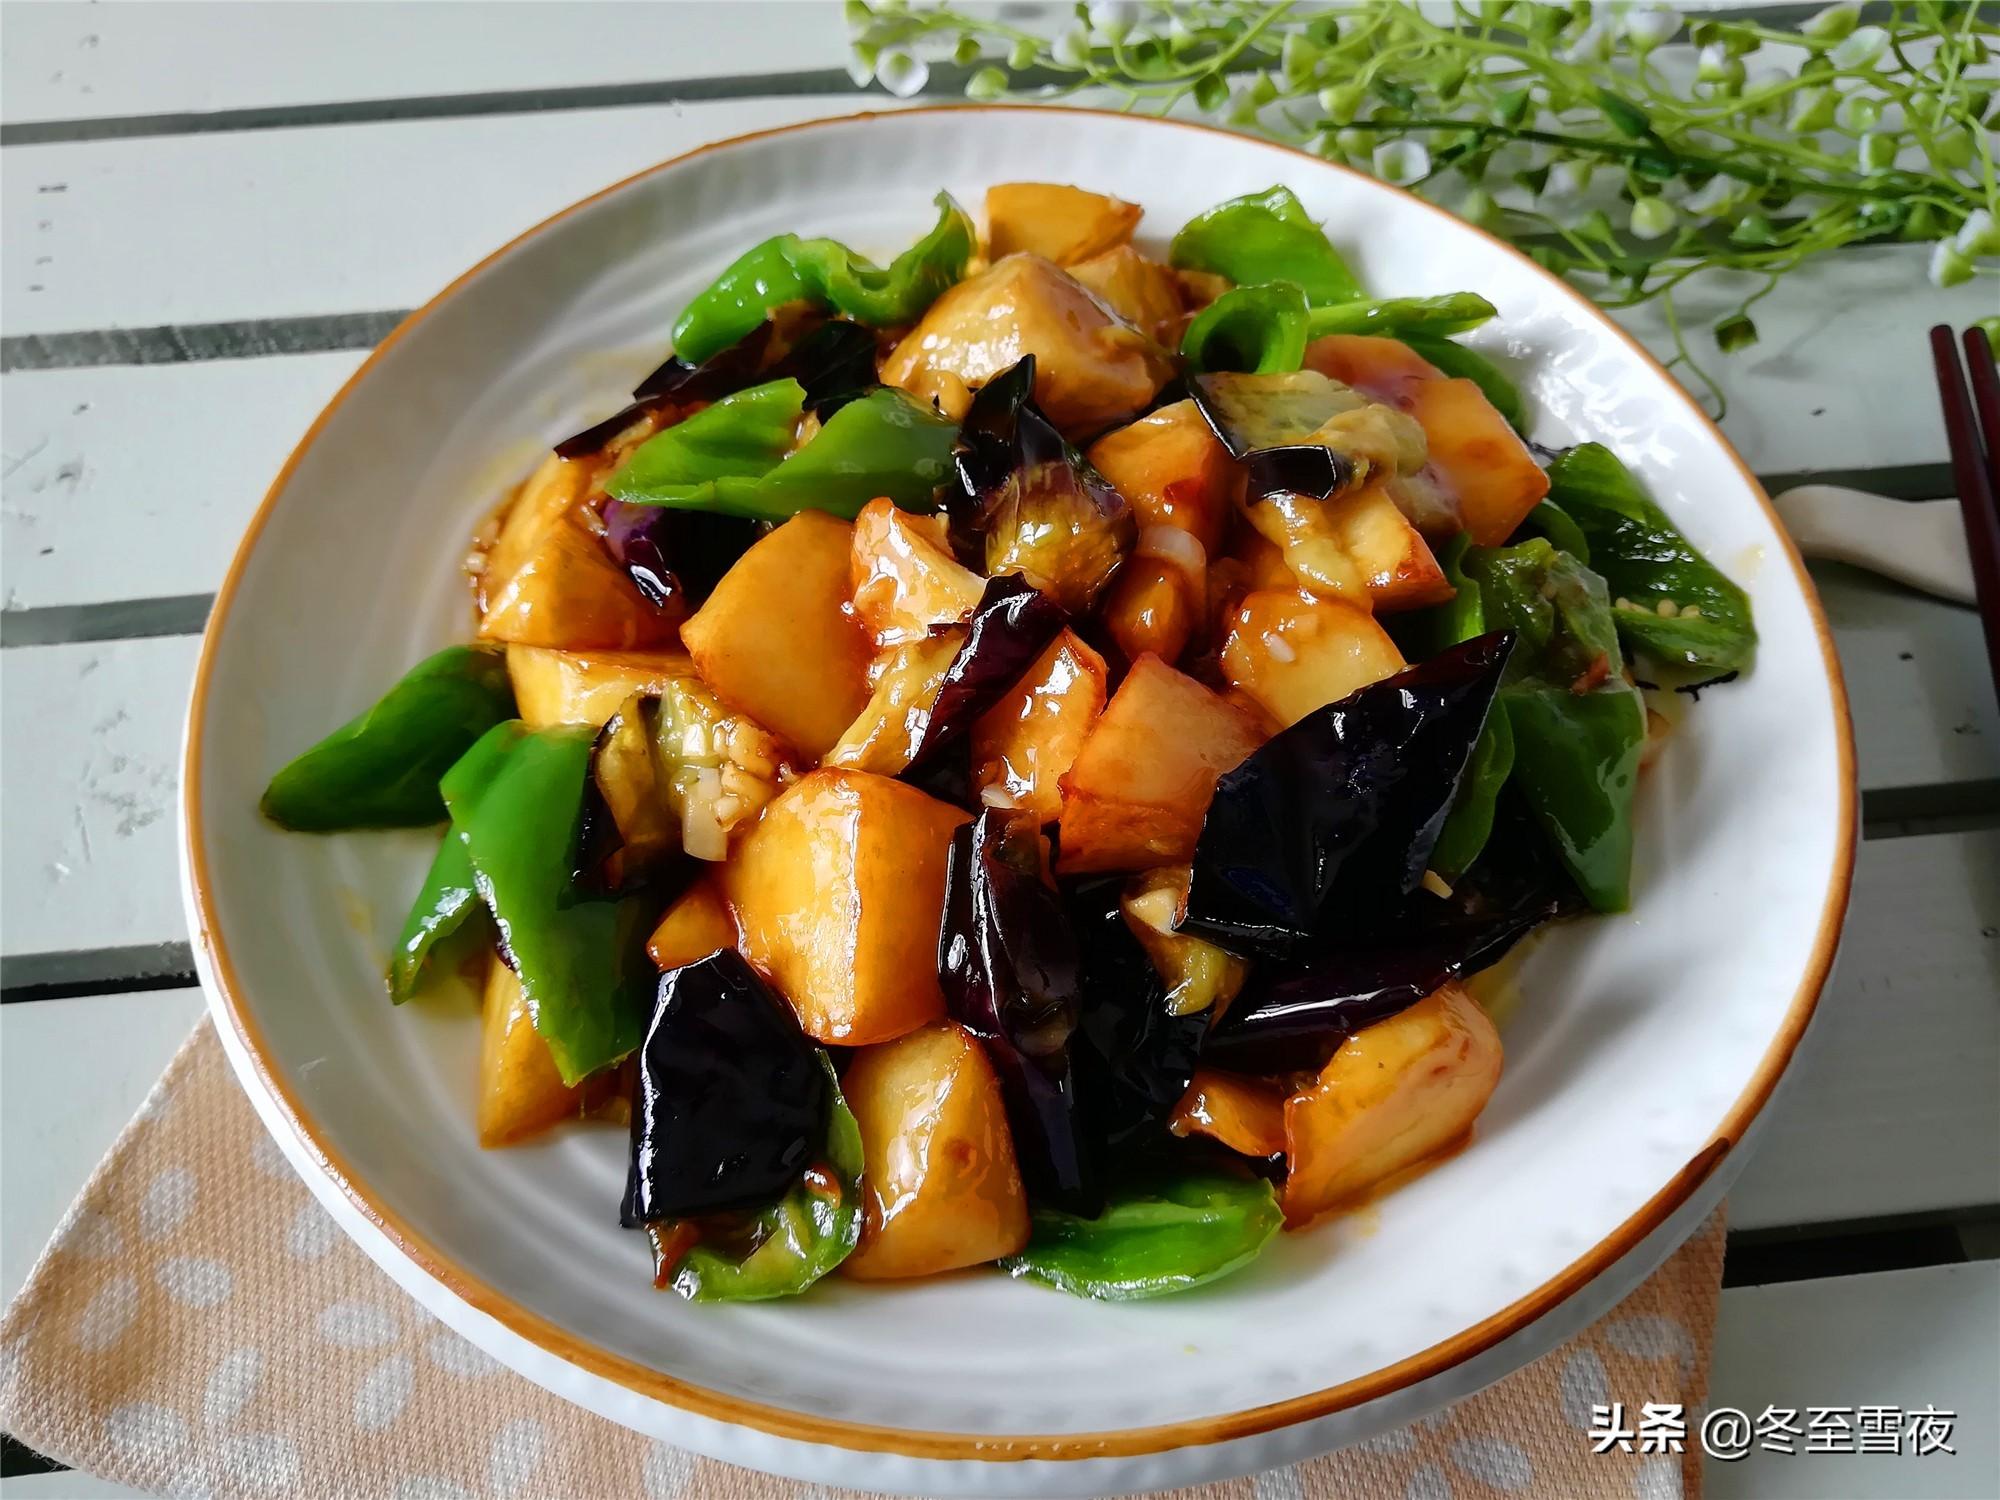 冬季,东北人最稀罕吃的14道家常菜,都是东北味儿,家常又好吃